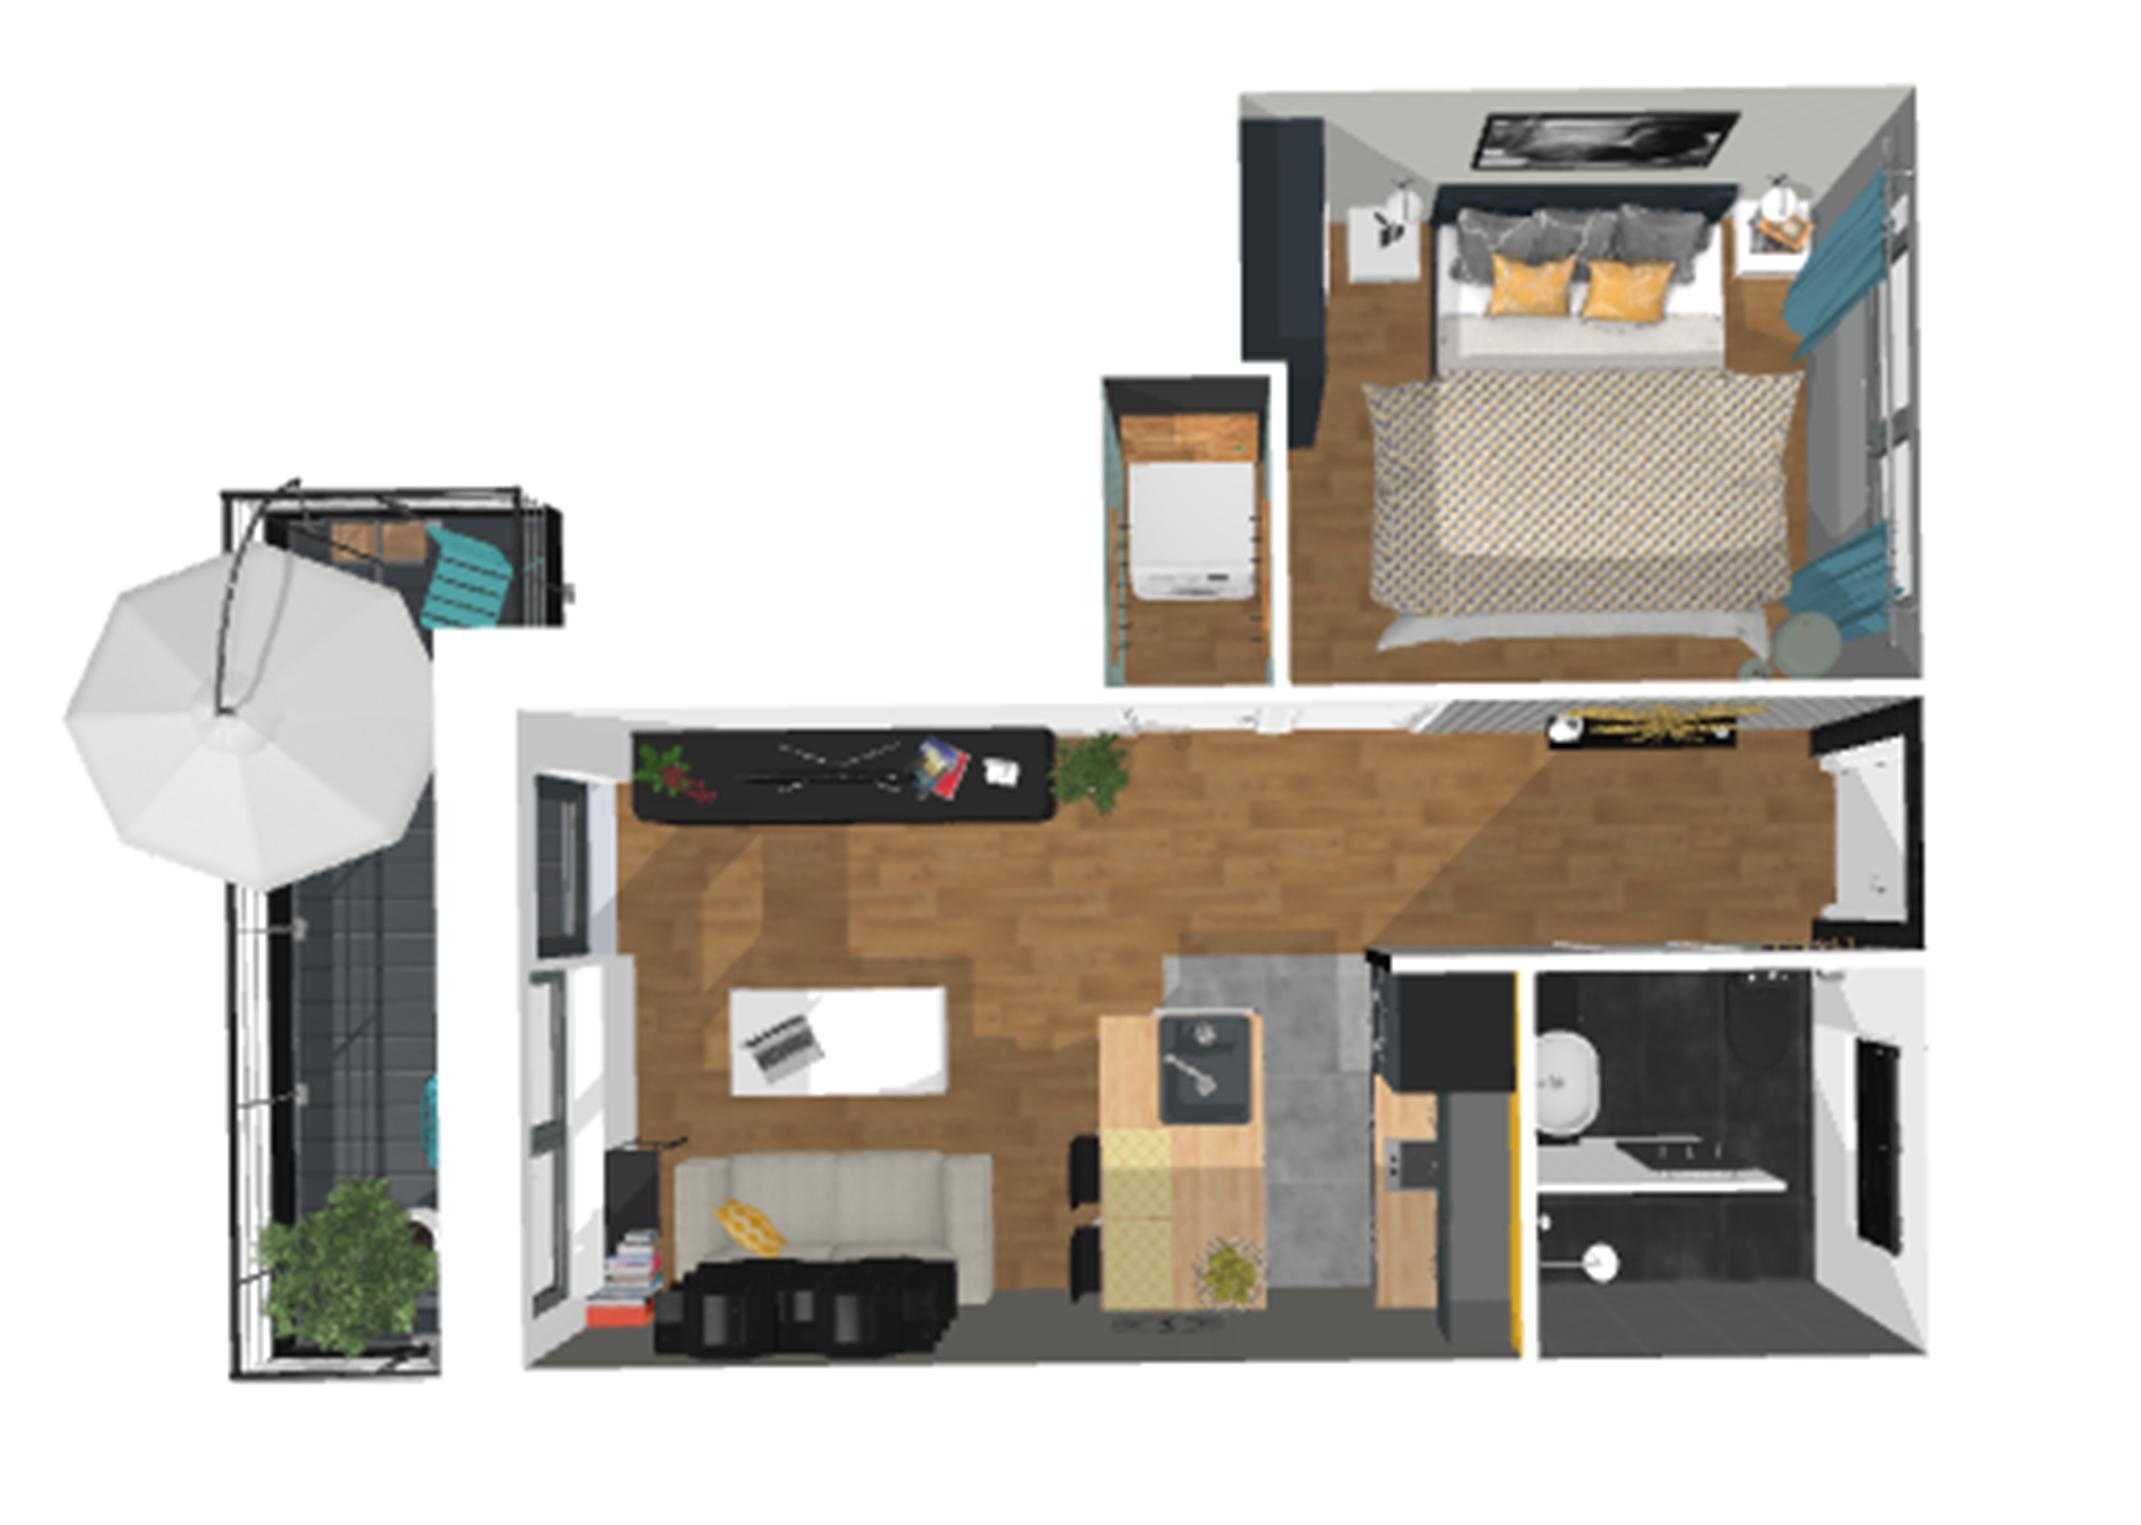 Plan d aménagement d'appartement